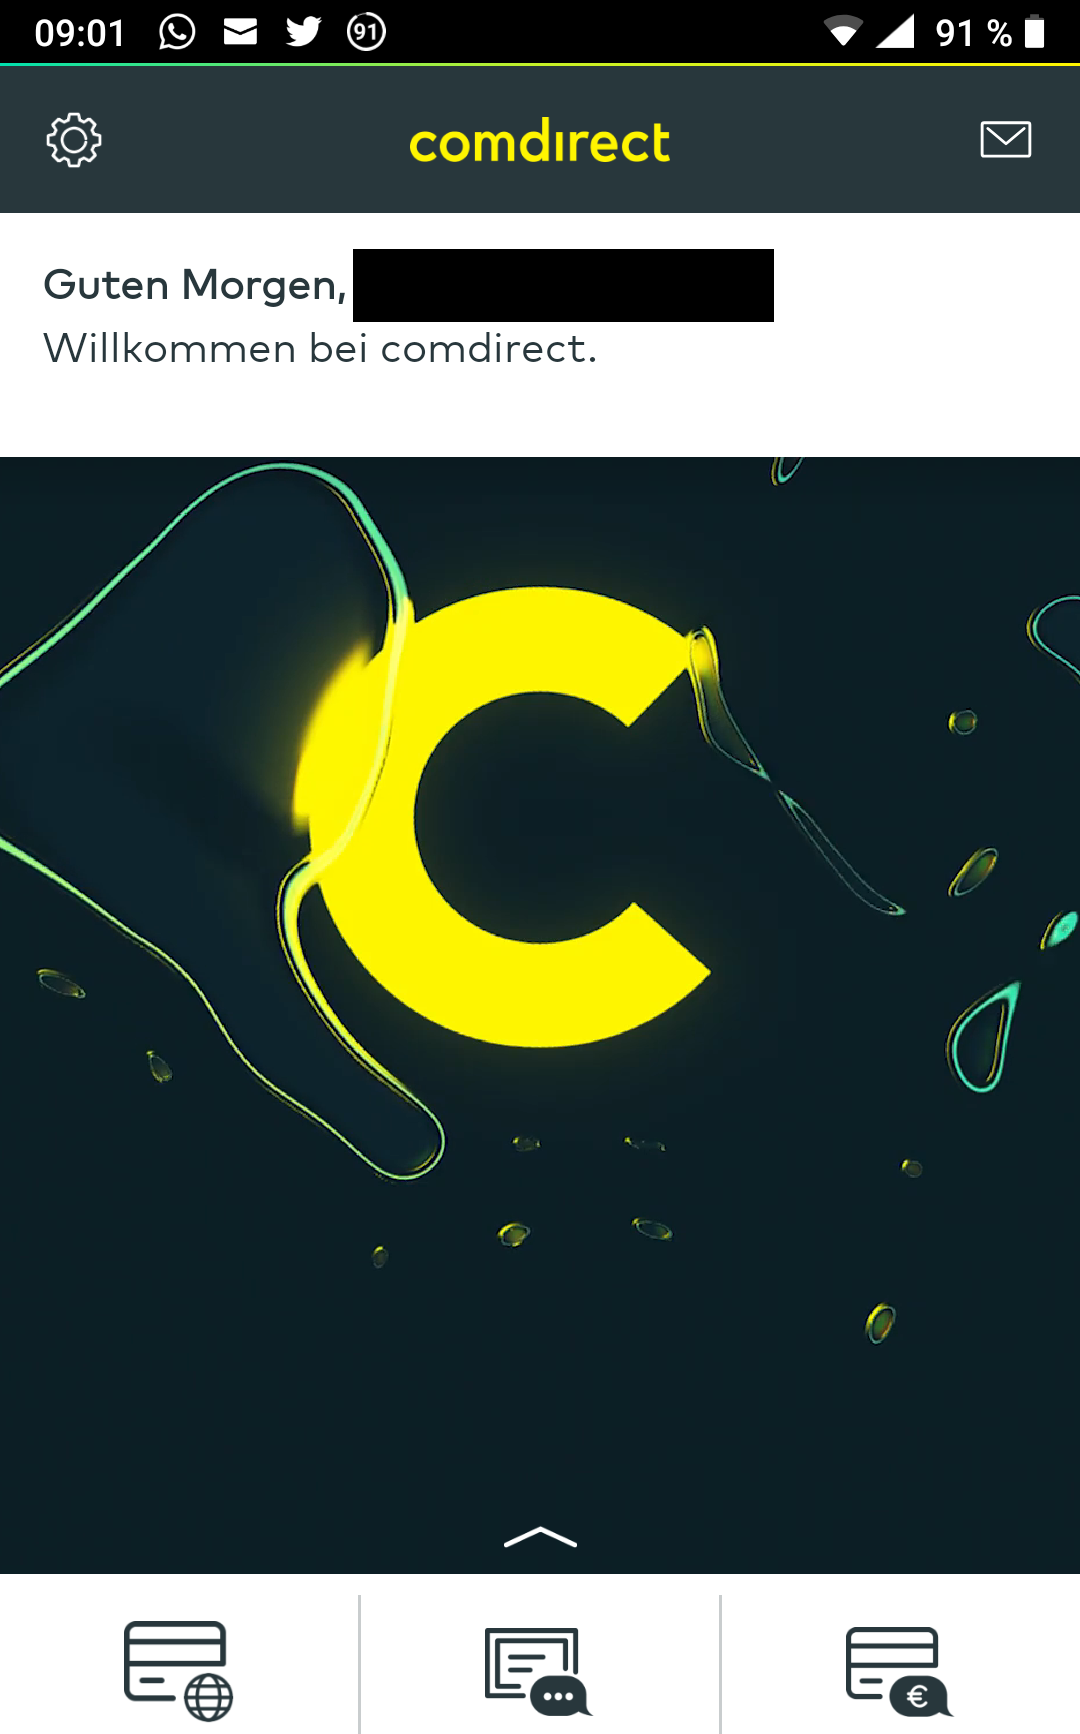 """Gelöst comdirect's neue """"comdirect"""" App – Seite 20   comdirect"""